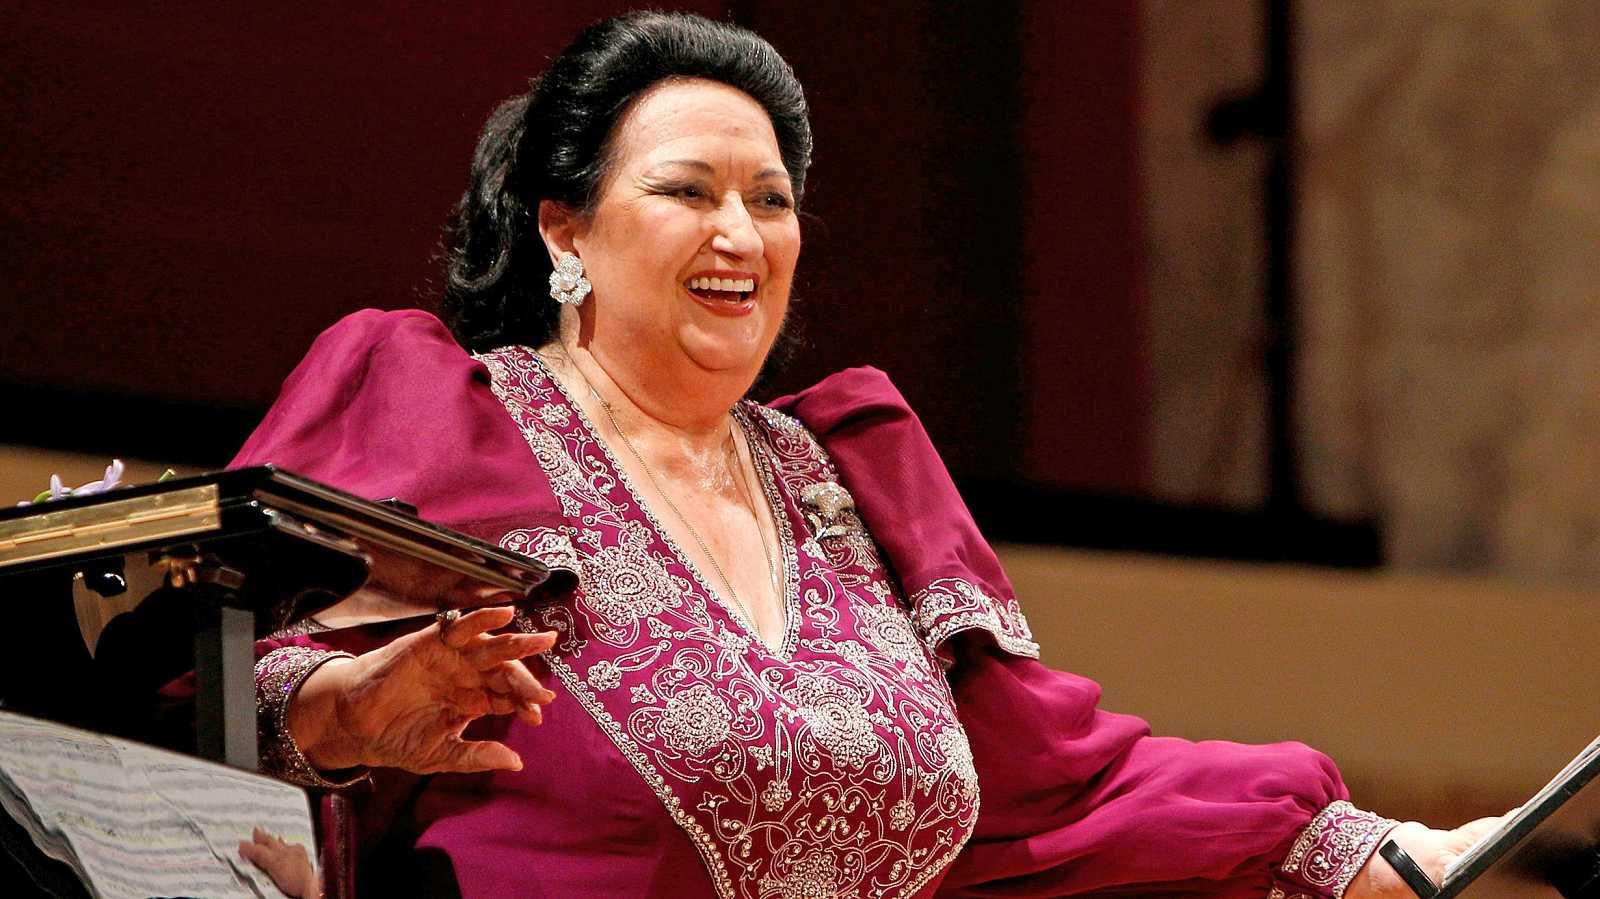 Especiales RNE - Homenaje a Montserrat Caballé en Radio Clásica - 06/10/18 - Escuchar ahora